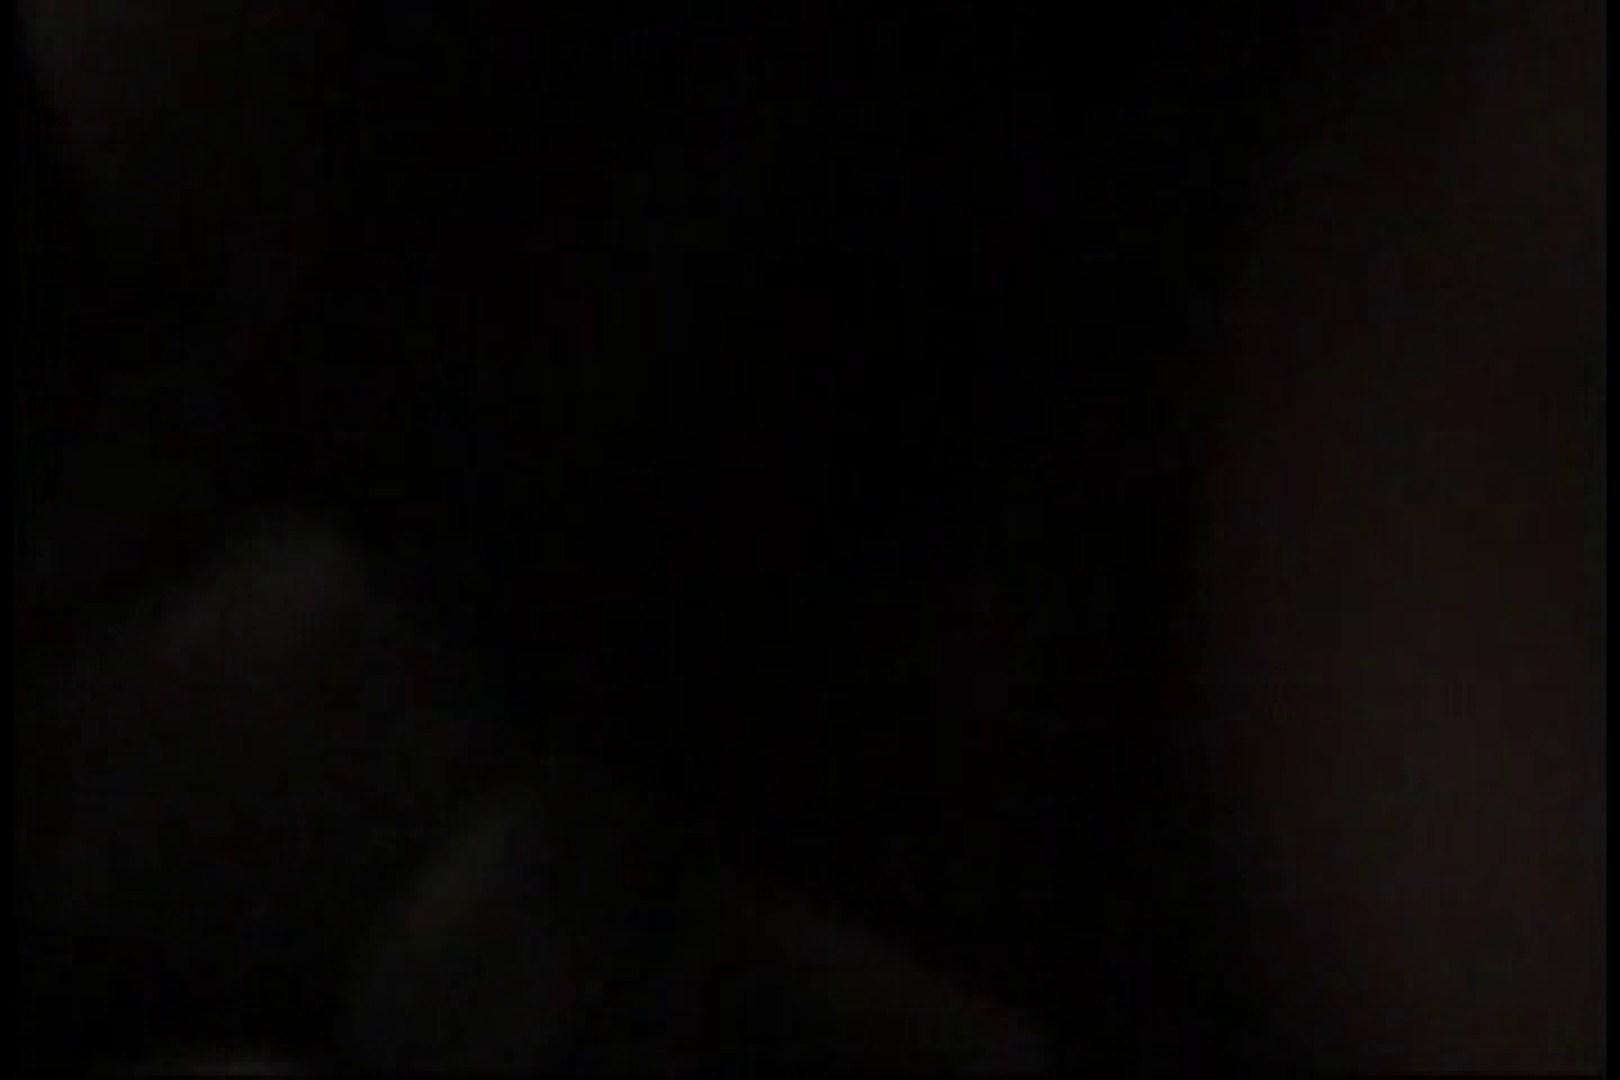 三ッ星シリーズ!!イケメン羞恥心File.05 射精特集 | 手淫 GAY無修正エロ動画 84枚 72